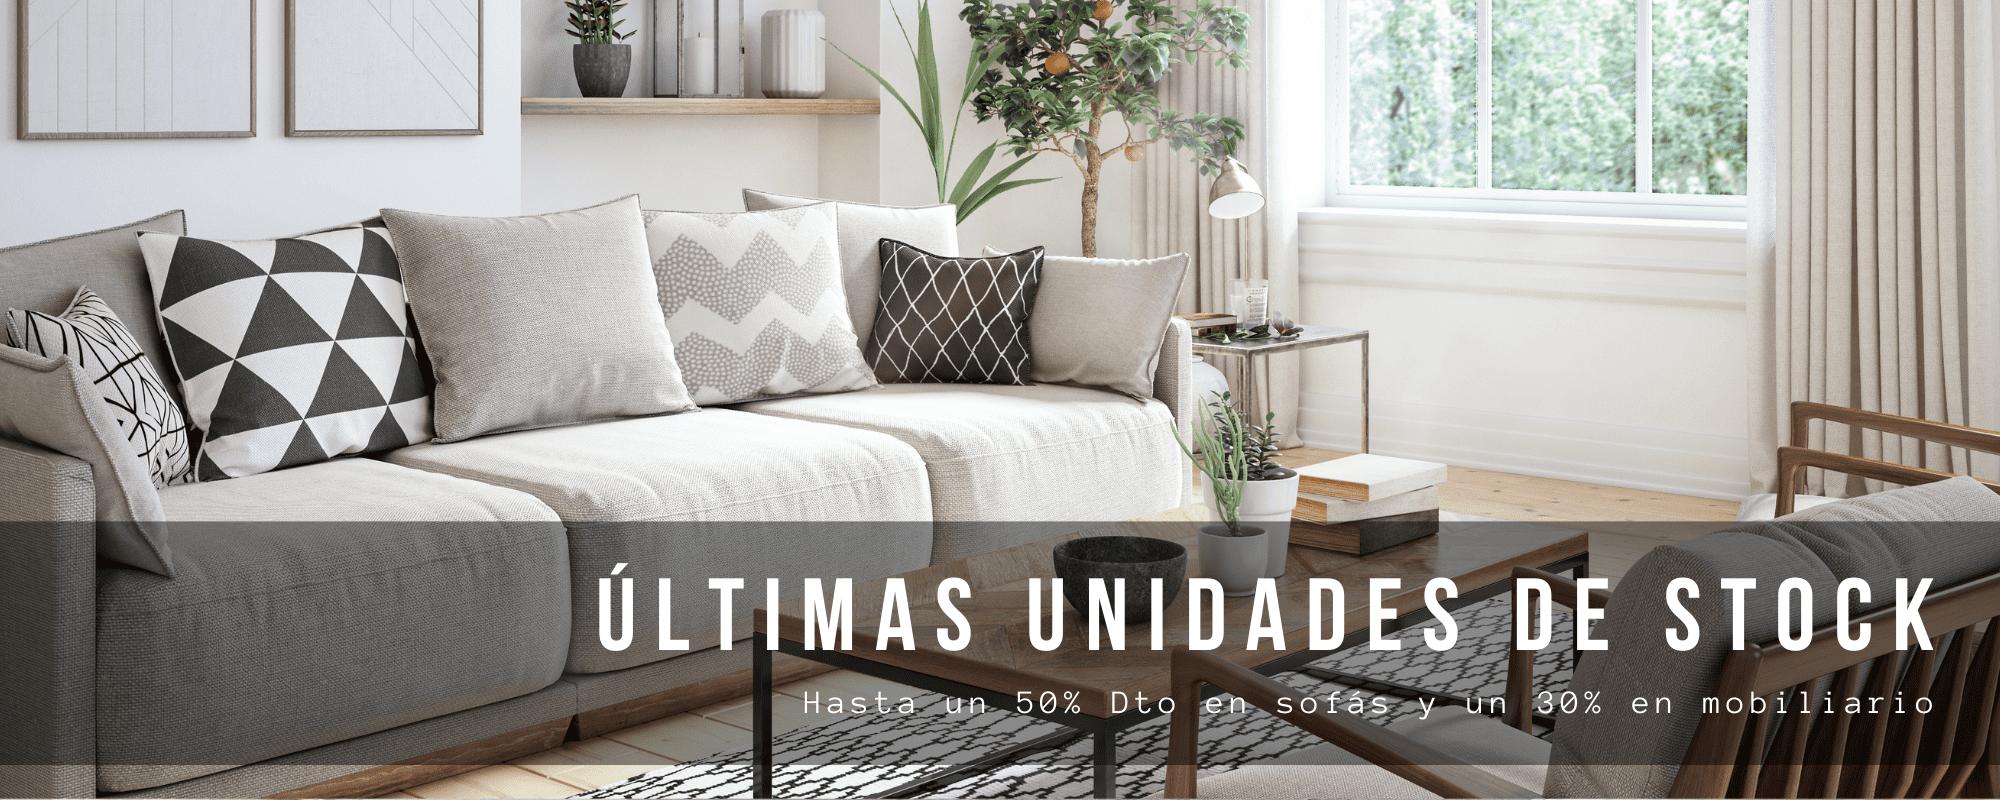 ofertas exclusivas en muebles